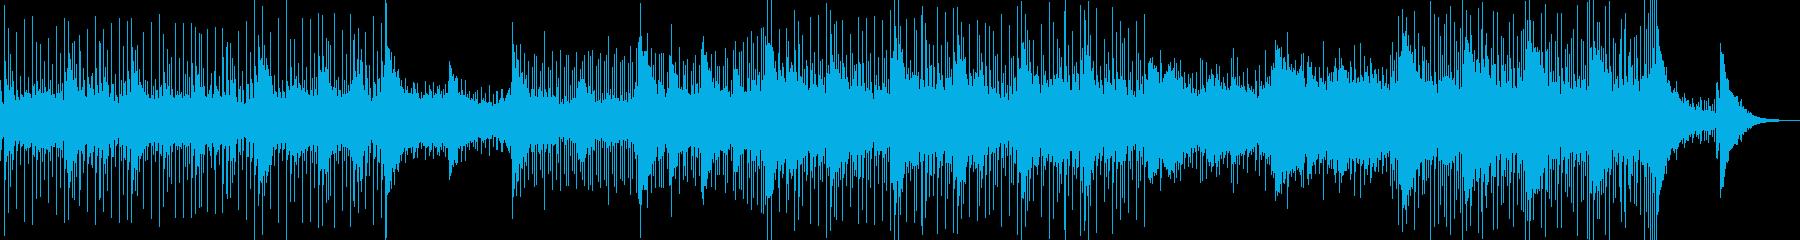 日本の祭りの風景に合うBGMの再生済みの波形